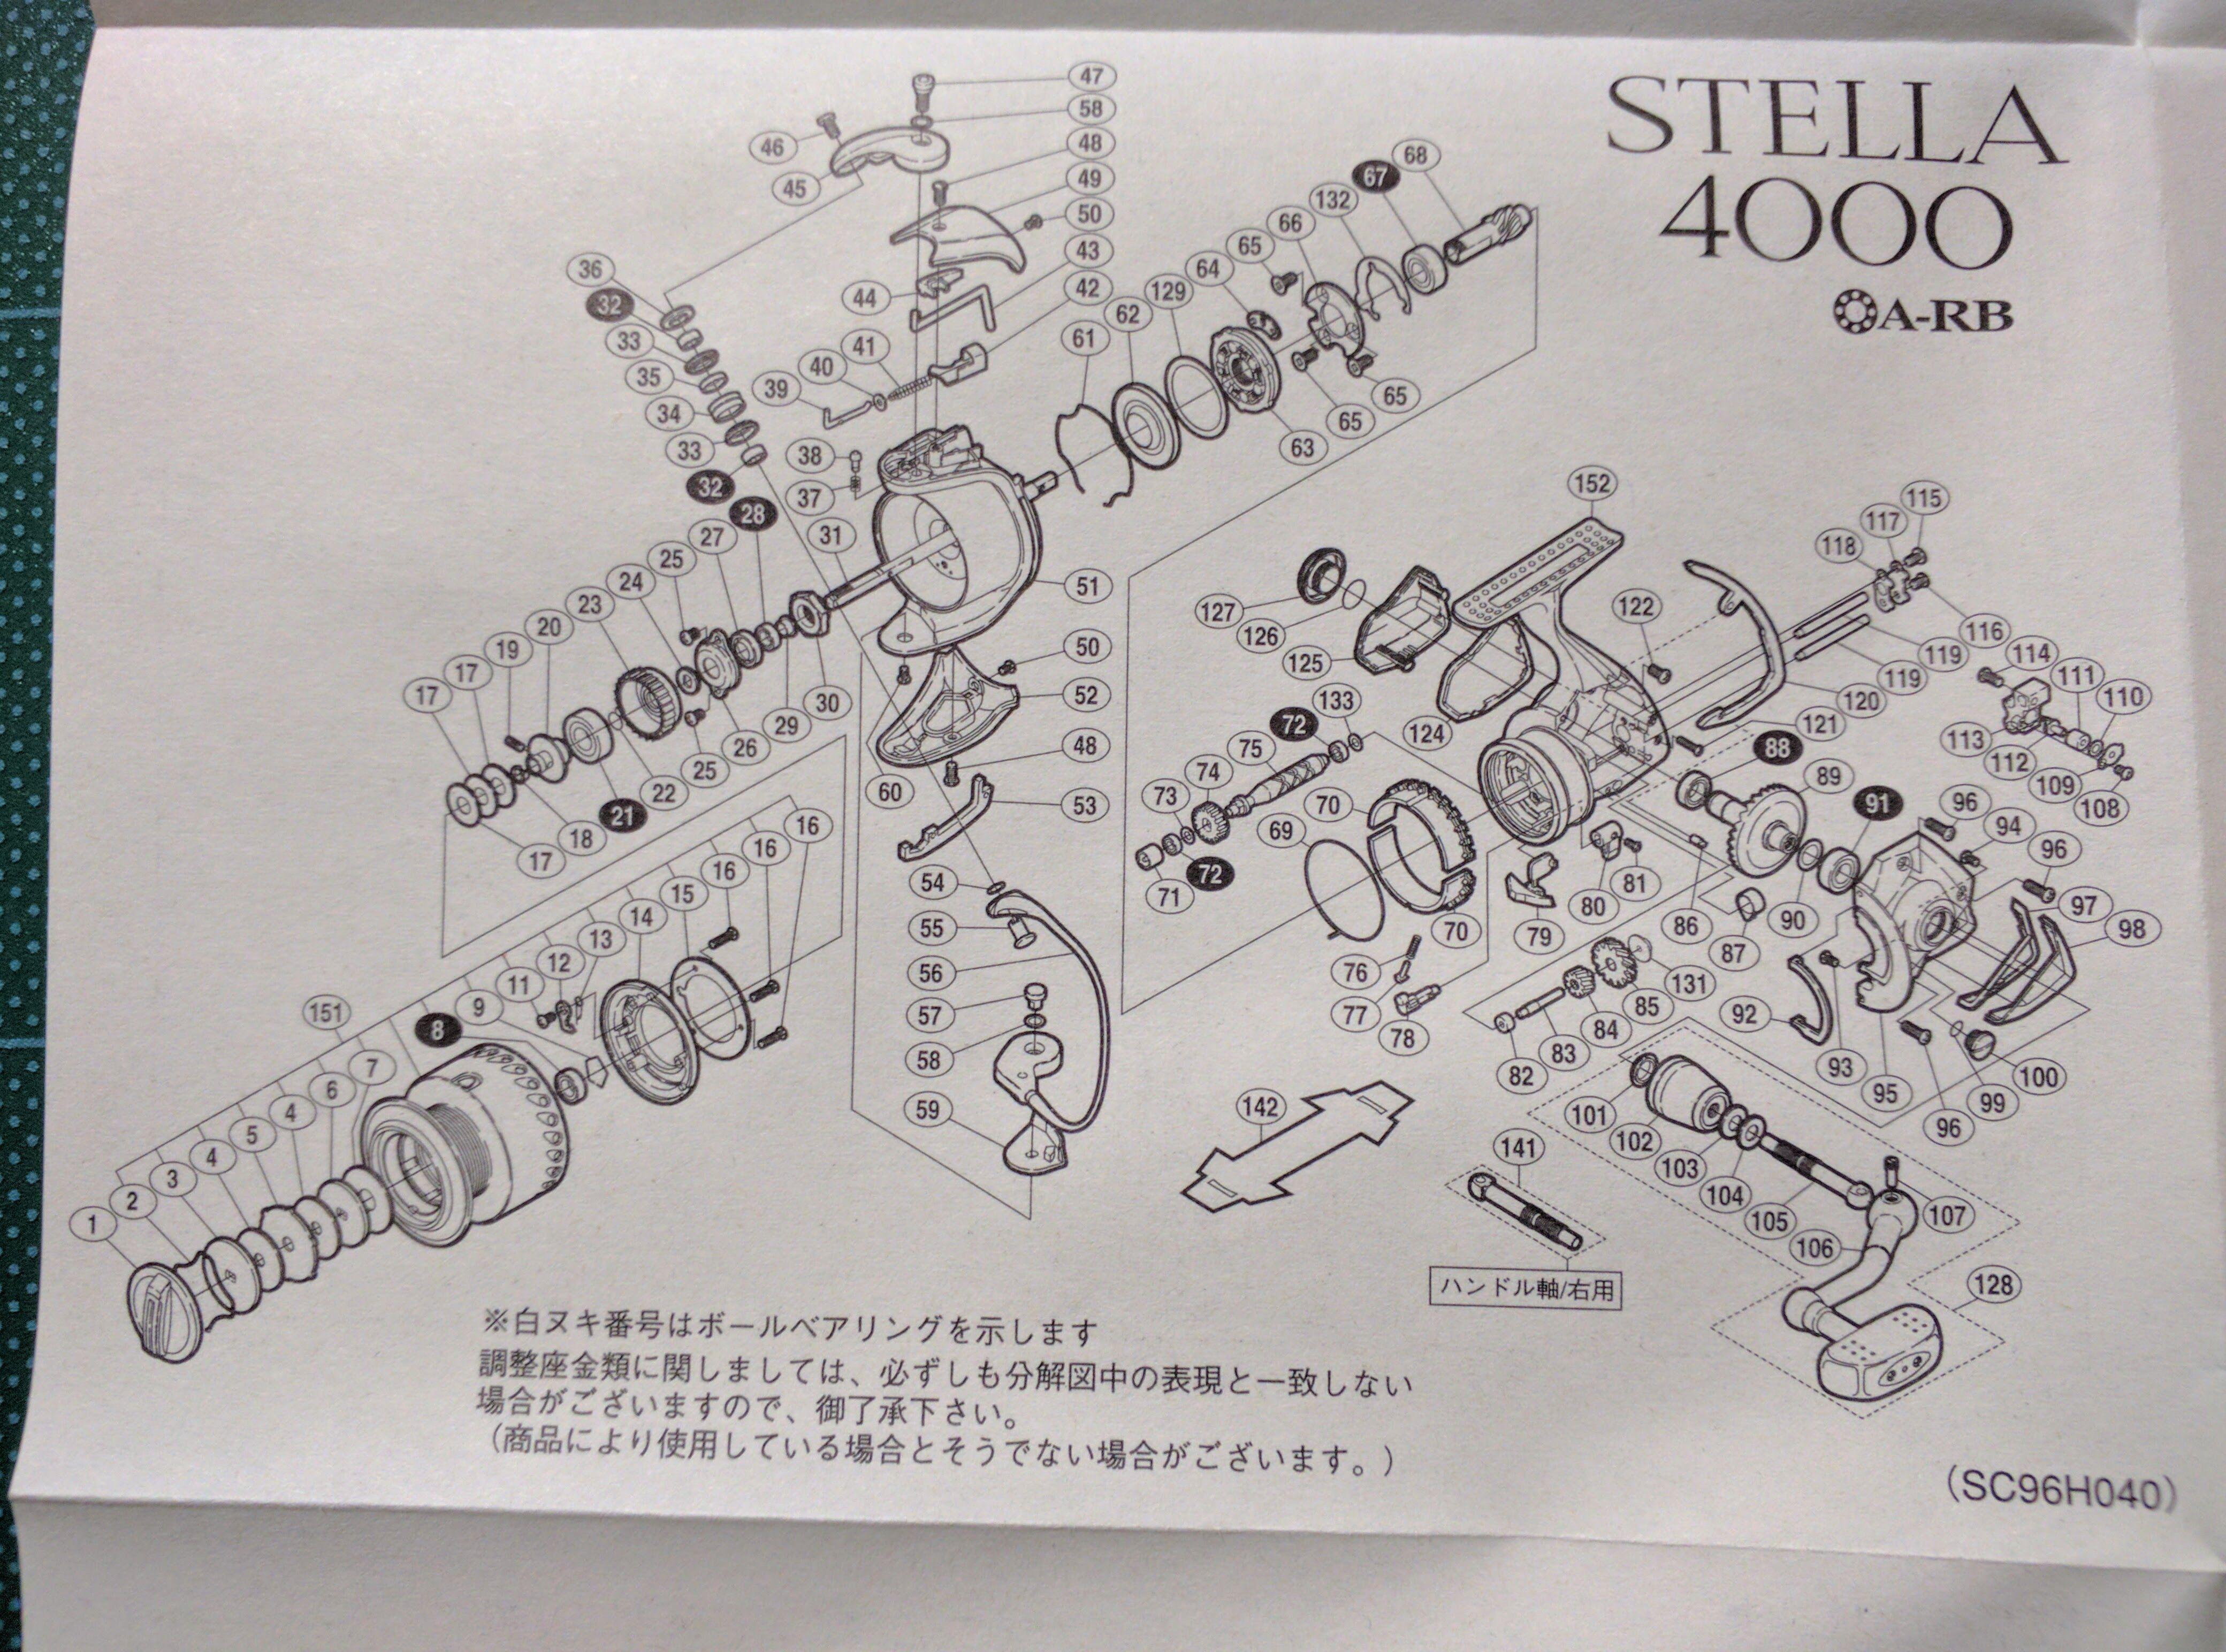 shimano-04stella-4000-schematic (SC96H040)